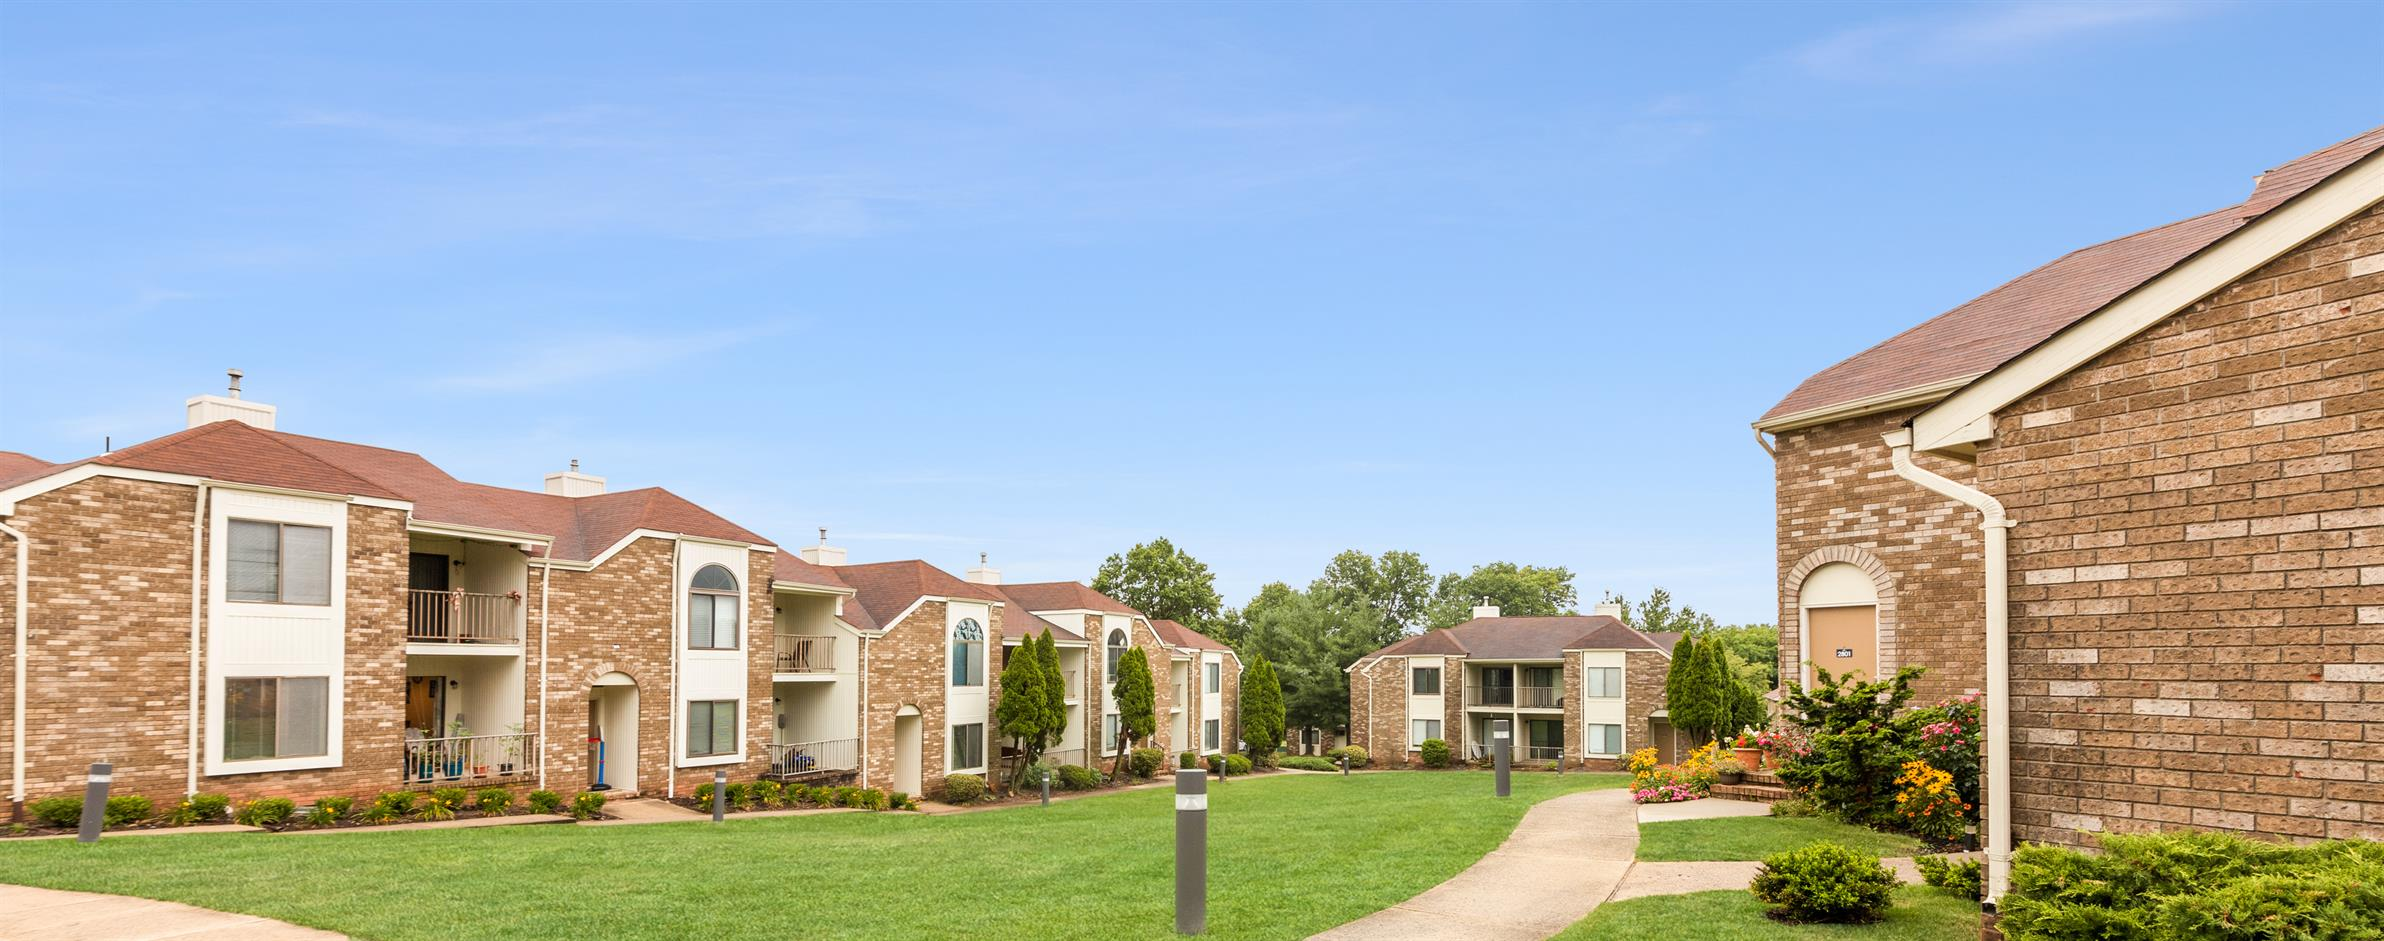 Images of Meadowbrook Village @ Bridgewater